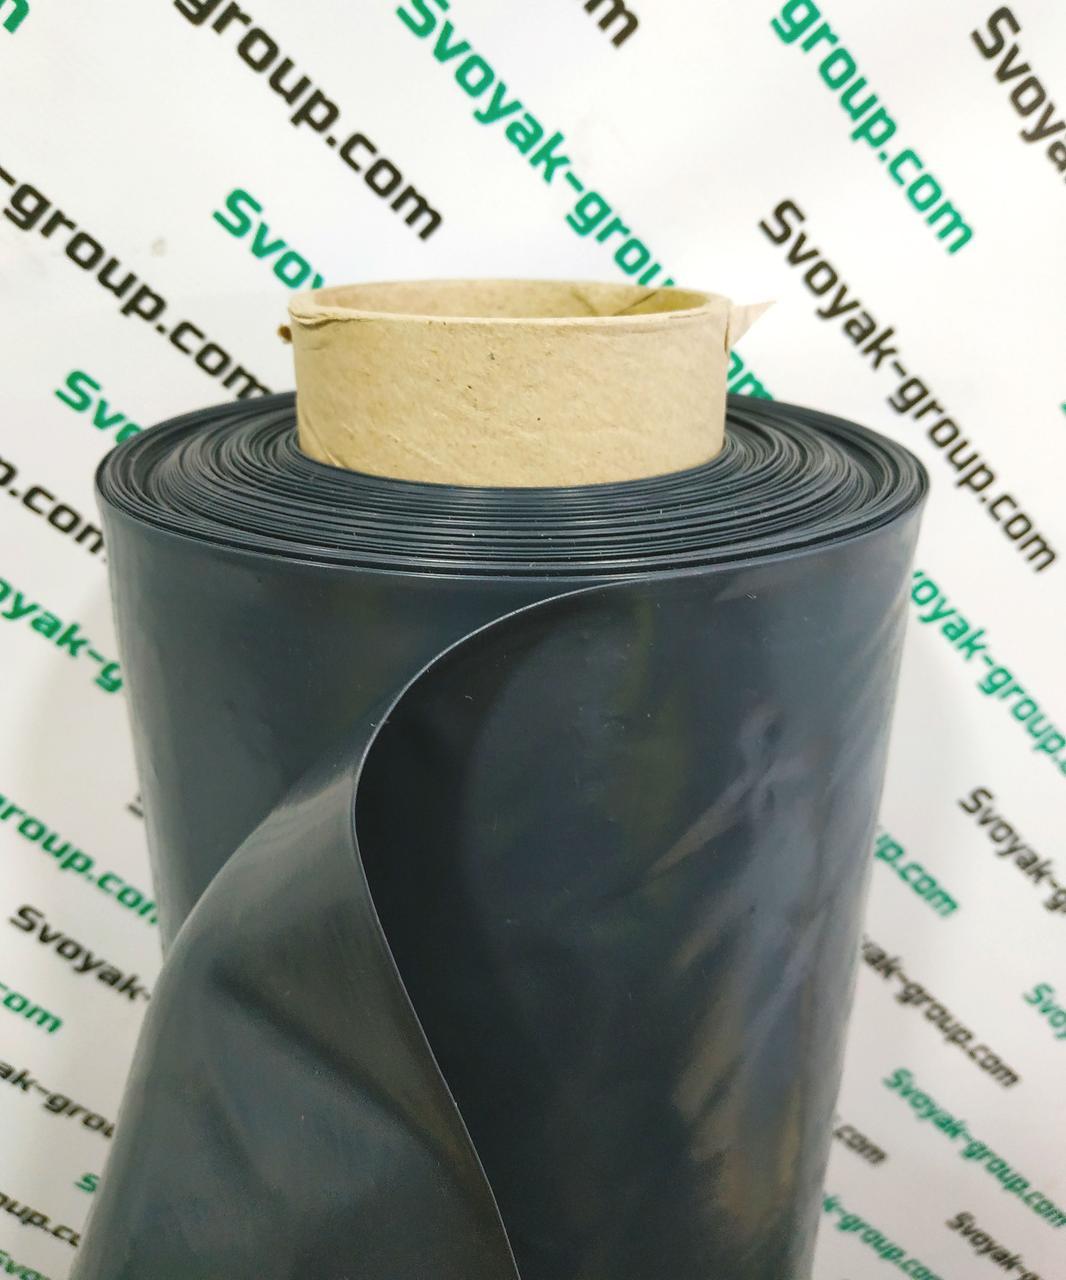 Пленка черная вторичная 140 мкм, 3м.х100м.Полиэтиленовая ( для мульчирования, строительная).